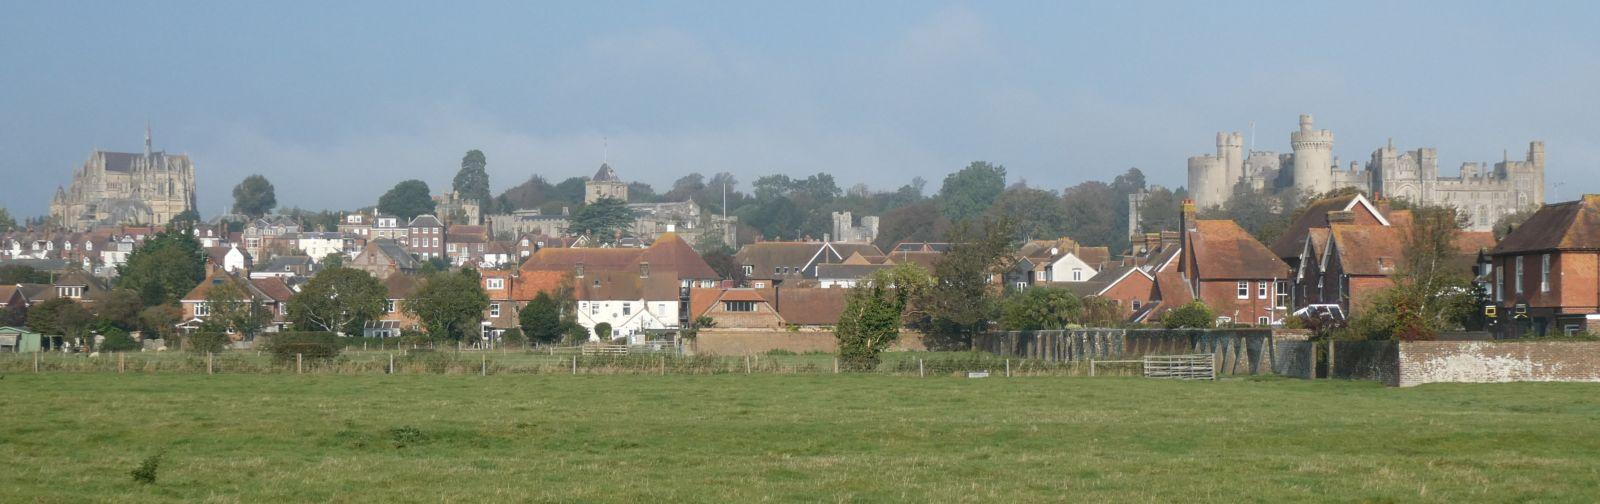 Town landscape